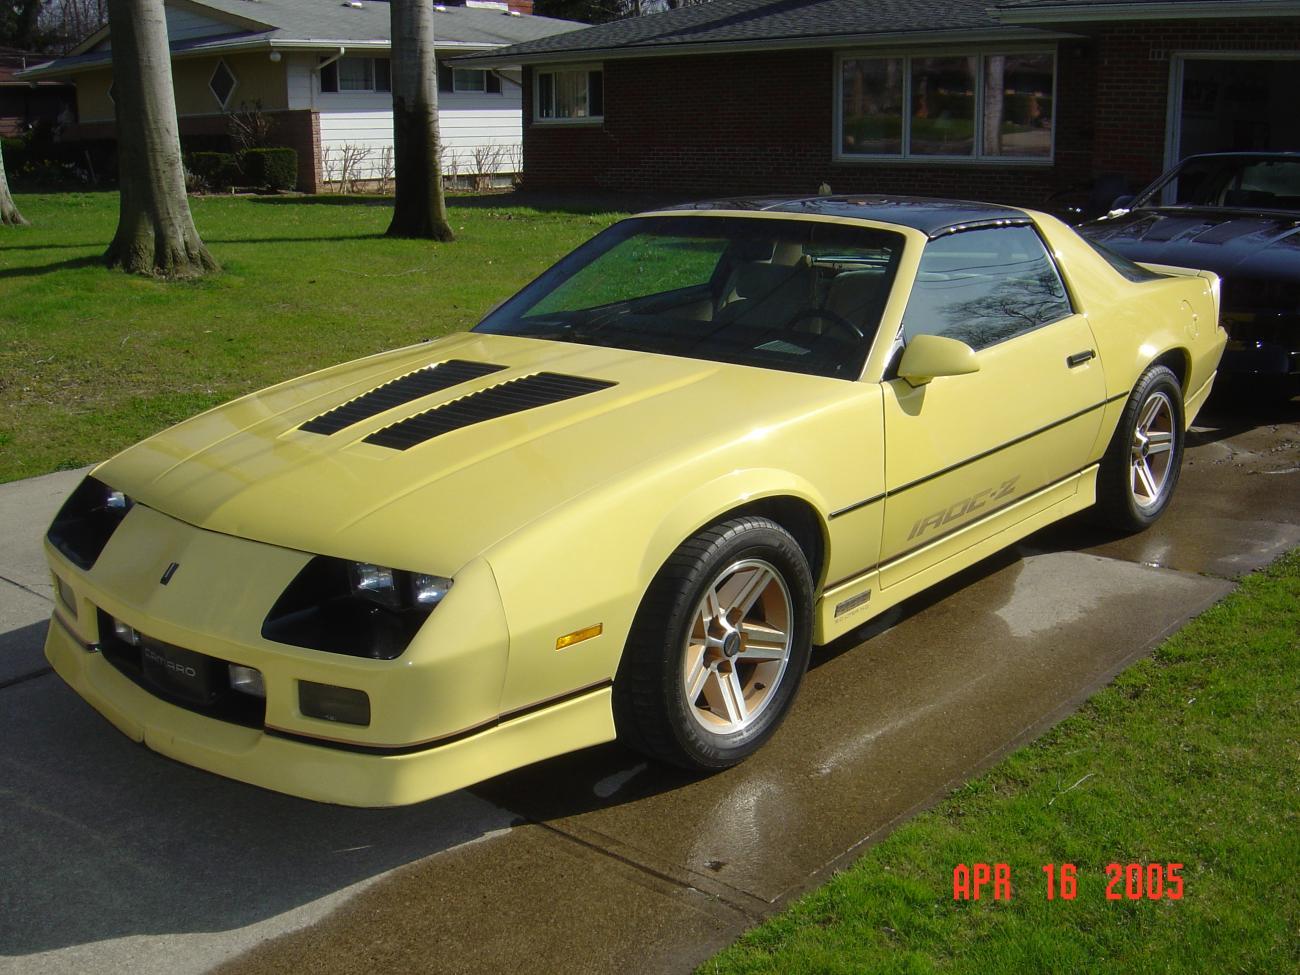 1985 Yellow L69 Iroc Z Camaro5 Chevy Camaro Forum